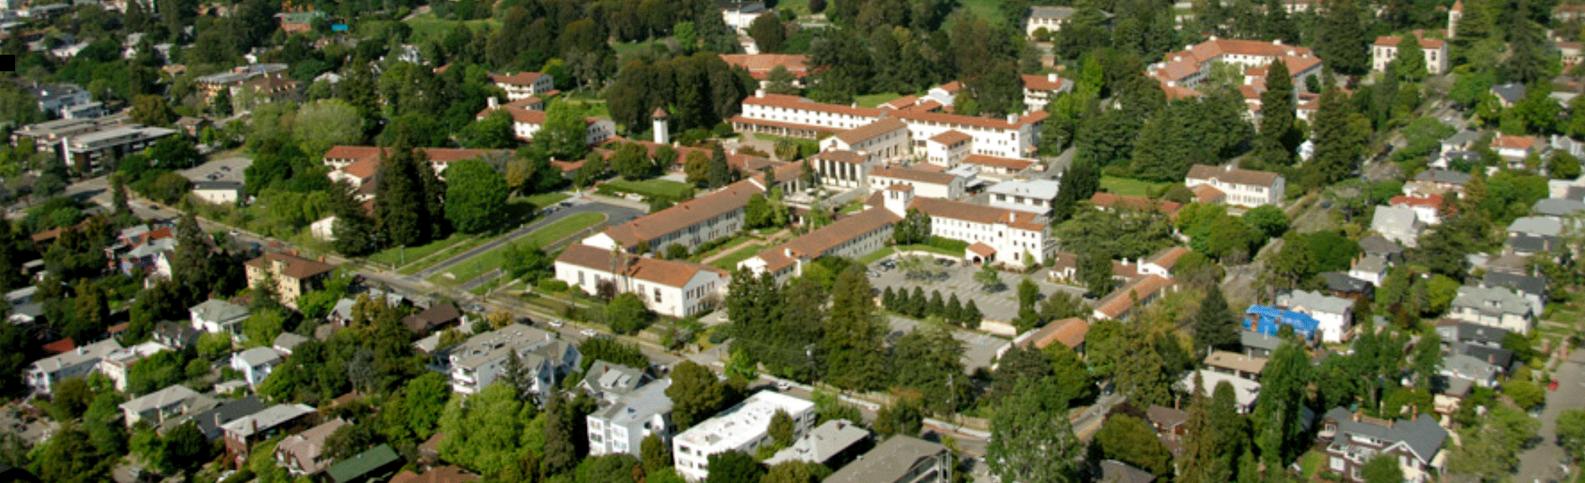 Clark Kerr Campus aerial shot